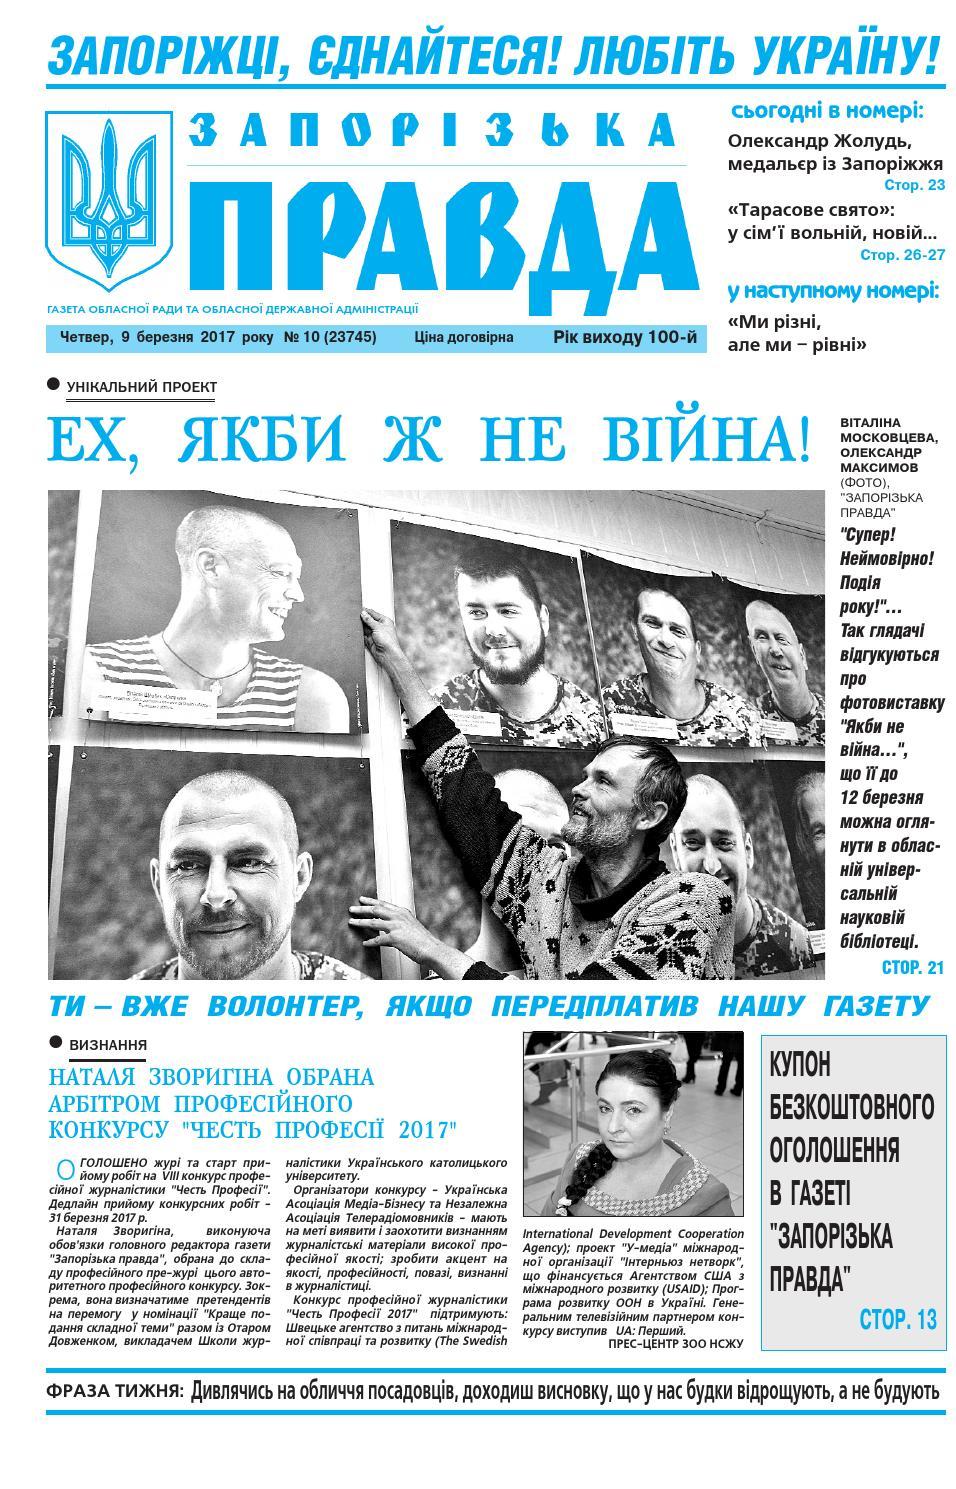 09 03 17 by Запорізька правда - issuu 7c0dbd1bb7b2b